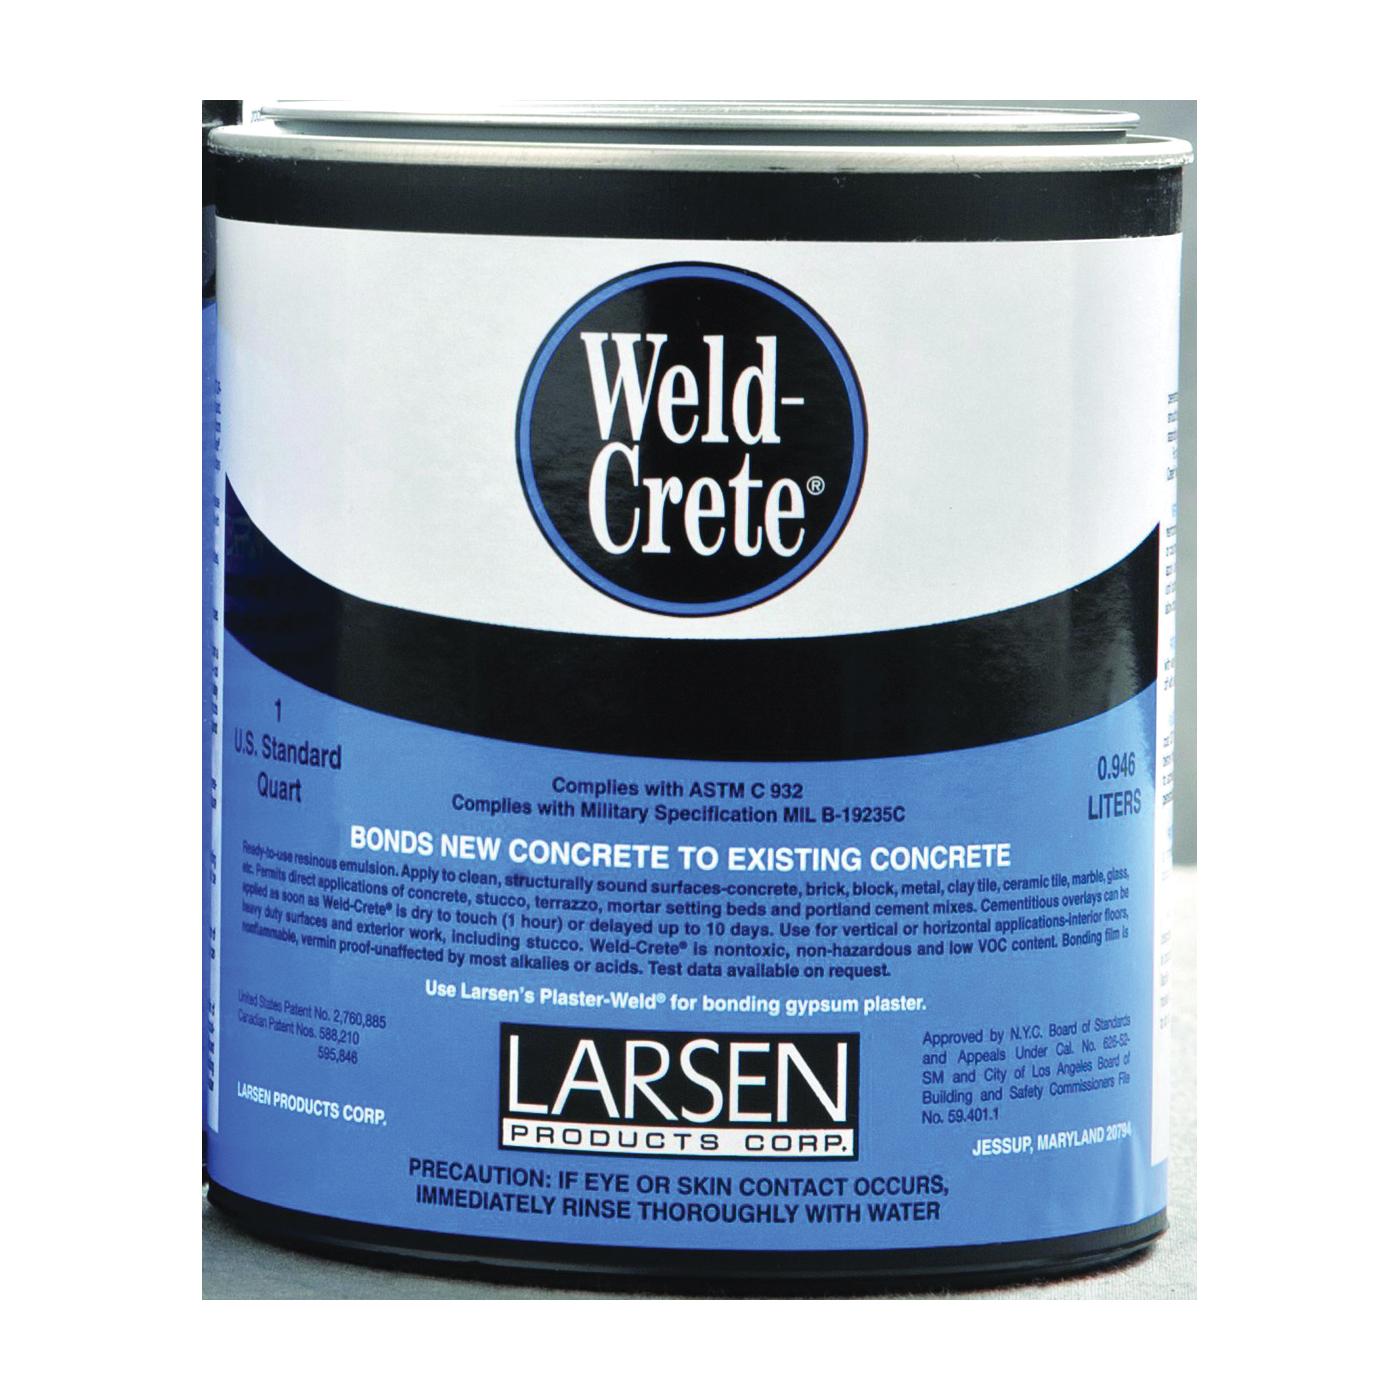 Picture of Larsen Weld-Crete WCQ06 Bonding Agent, Liquid, Low to Slight Acetic, Blue, 1 qt Package, Pail